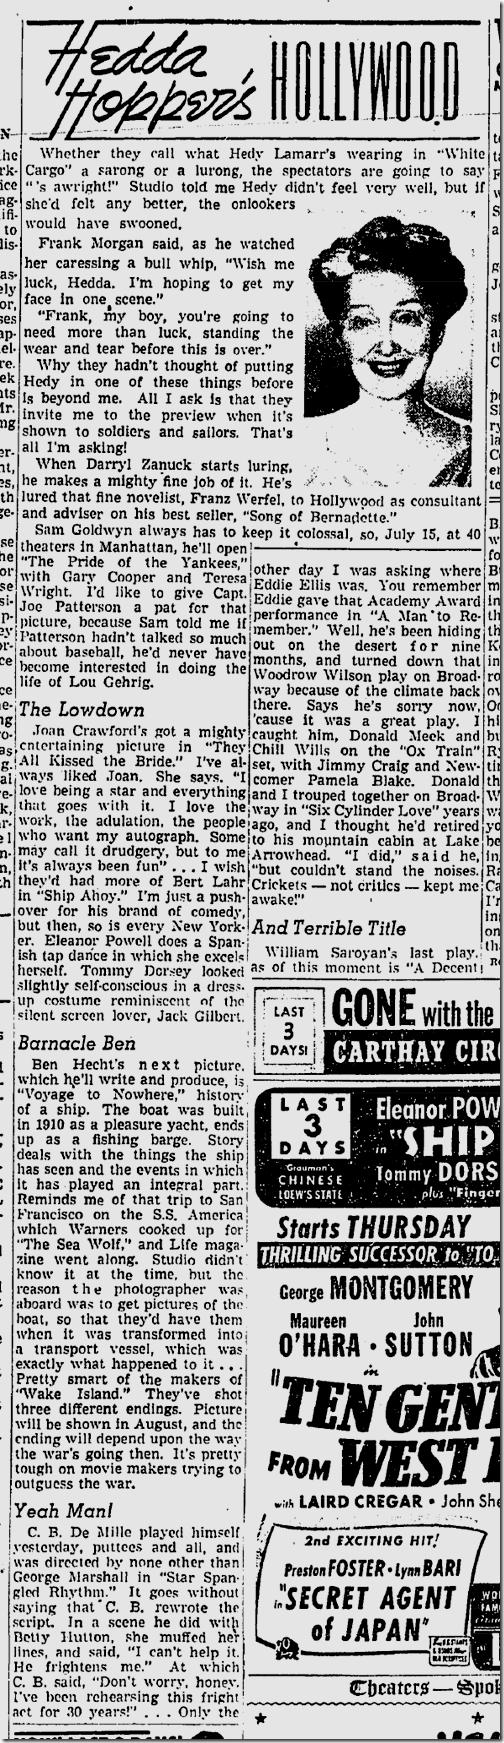 June 22, 1942, Hedda Hopper